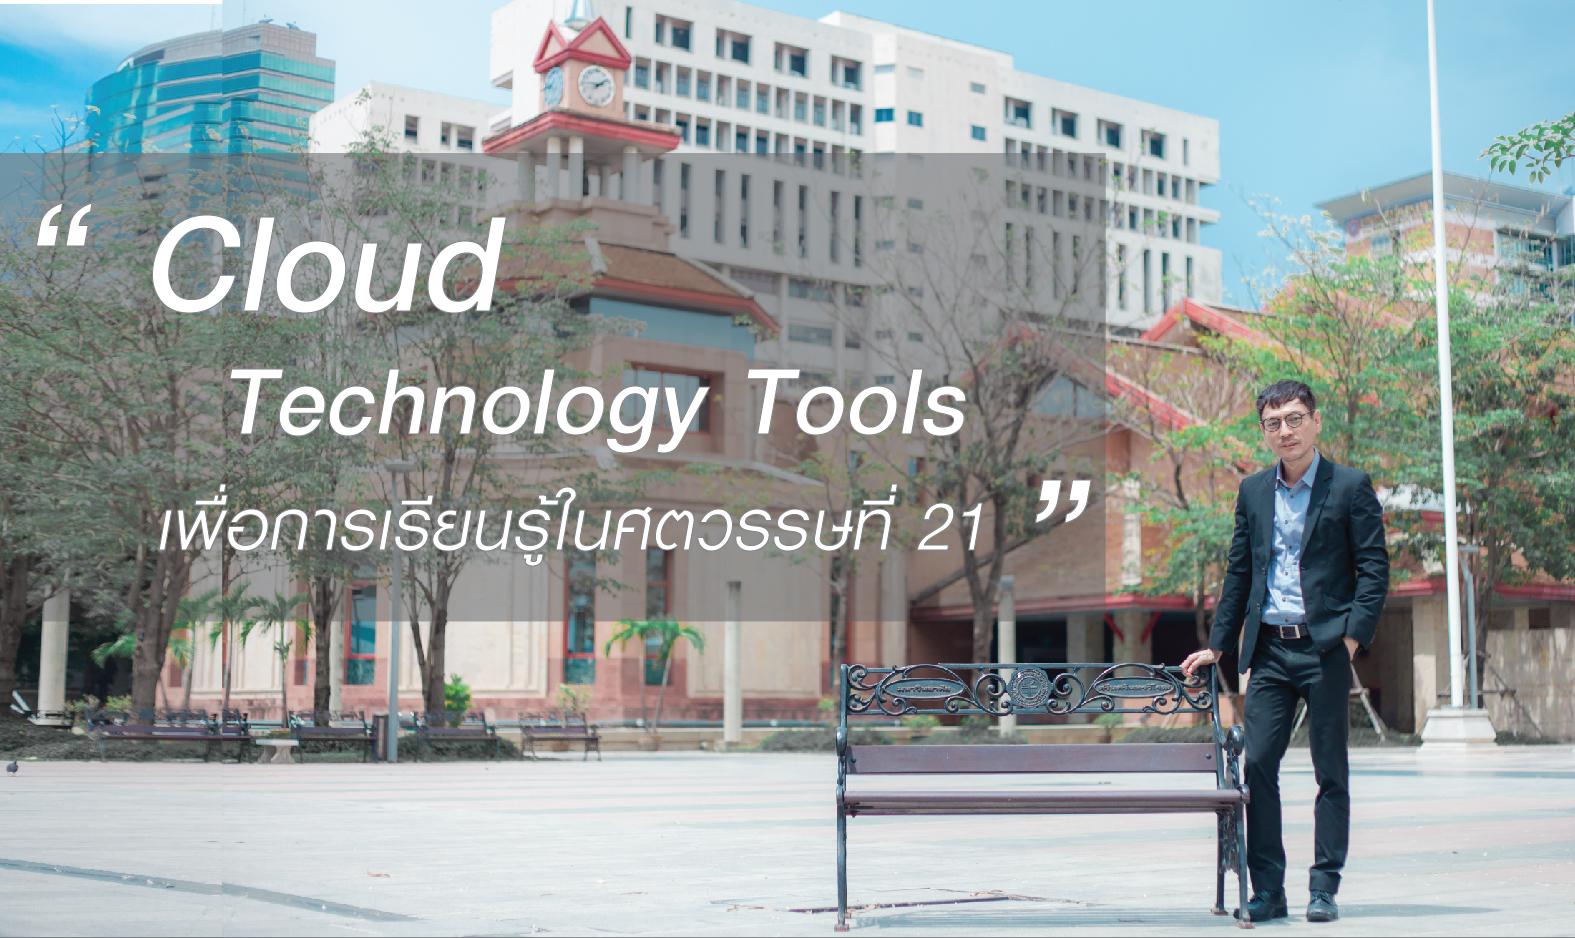 Cloud Technology Tools เพื่อการเรียนรู้ในศตวรรษที่ 21 | Cloud Technology Tools for 21st Century Learning